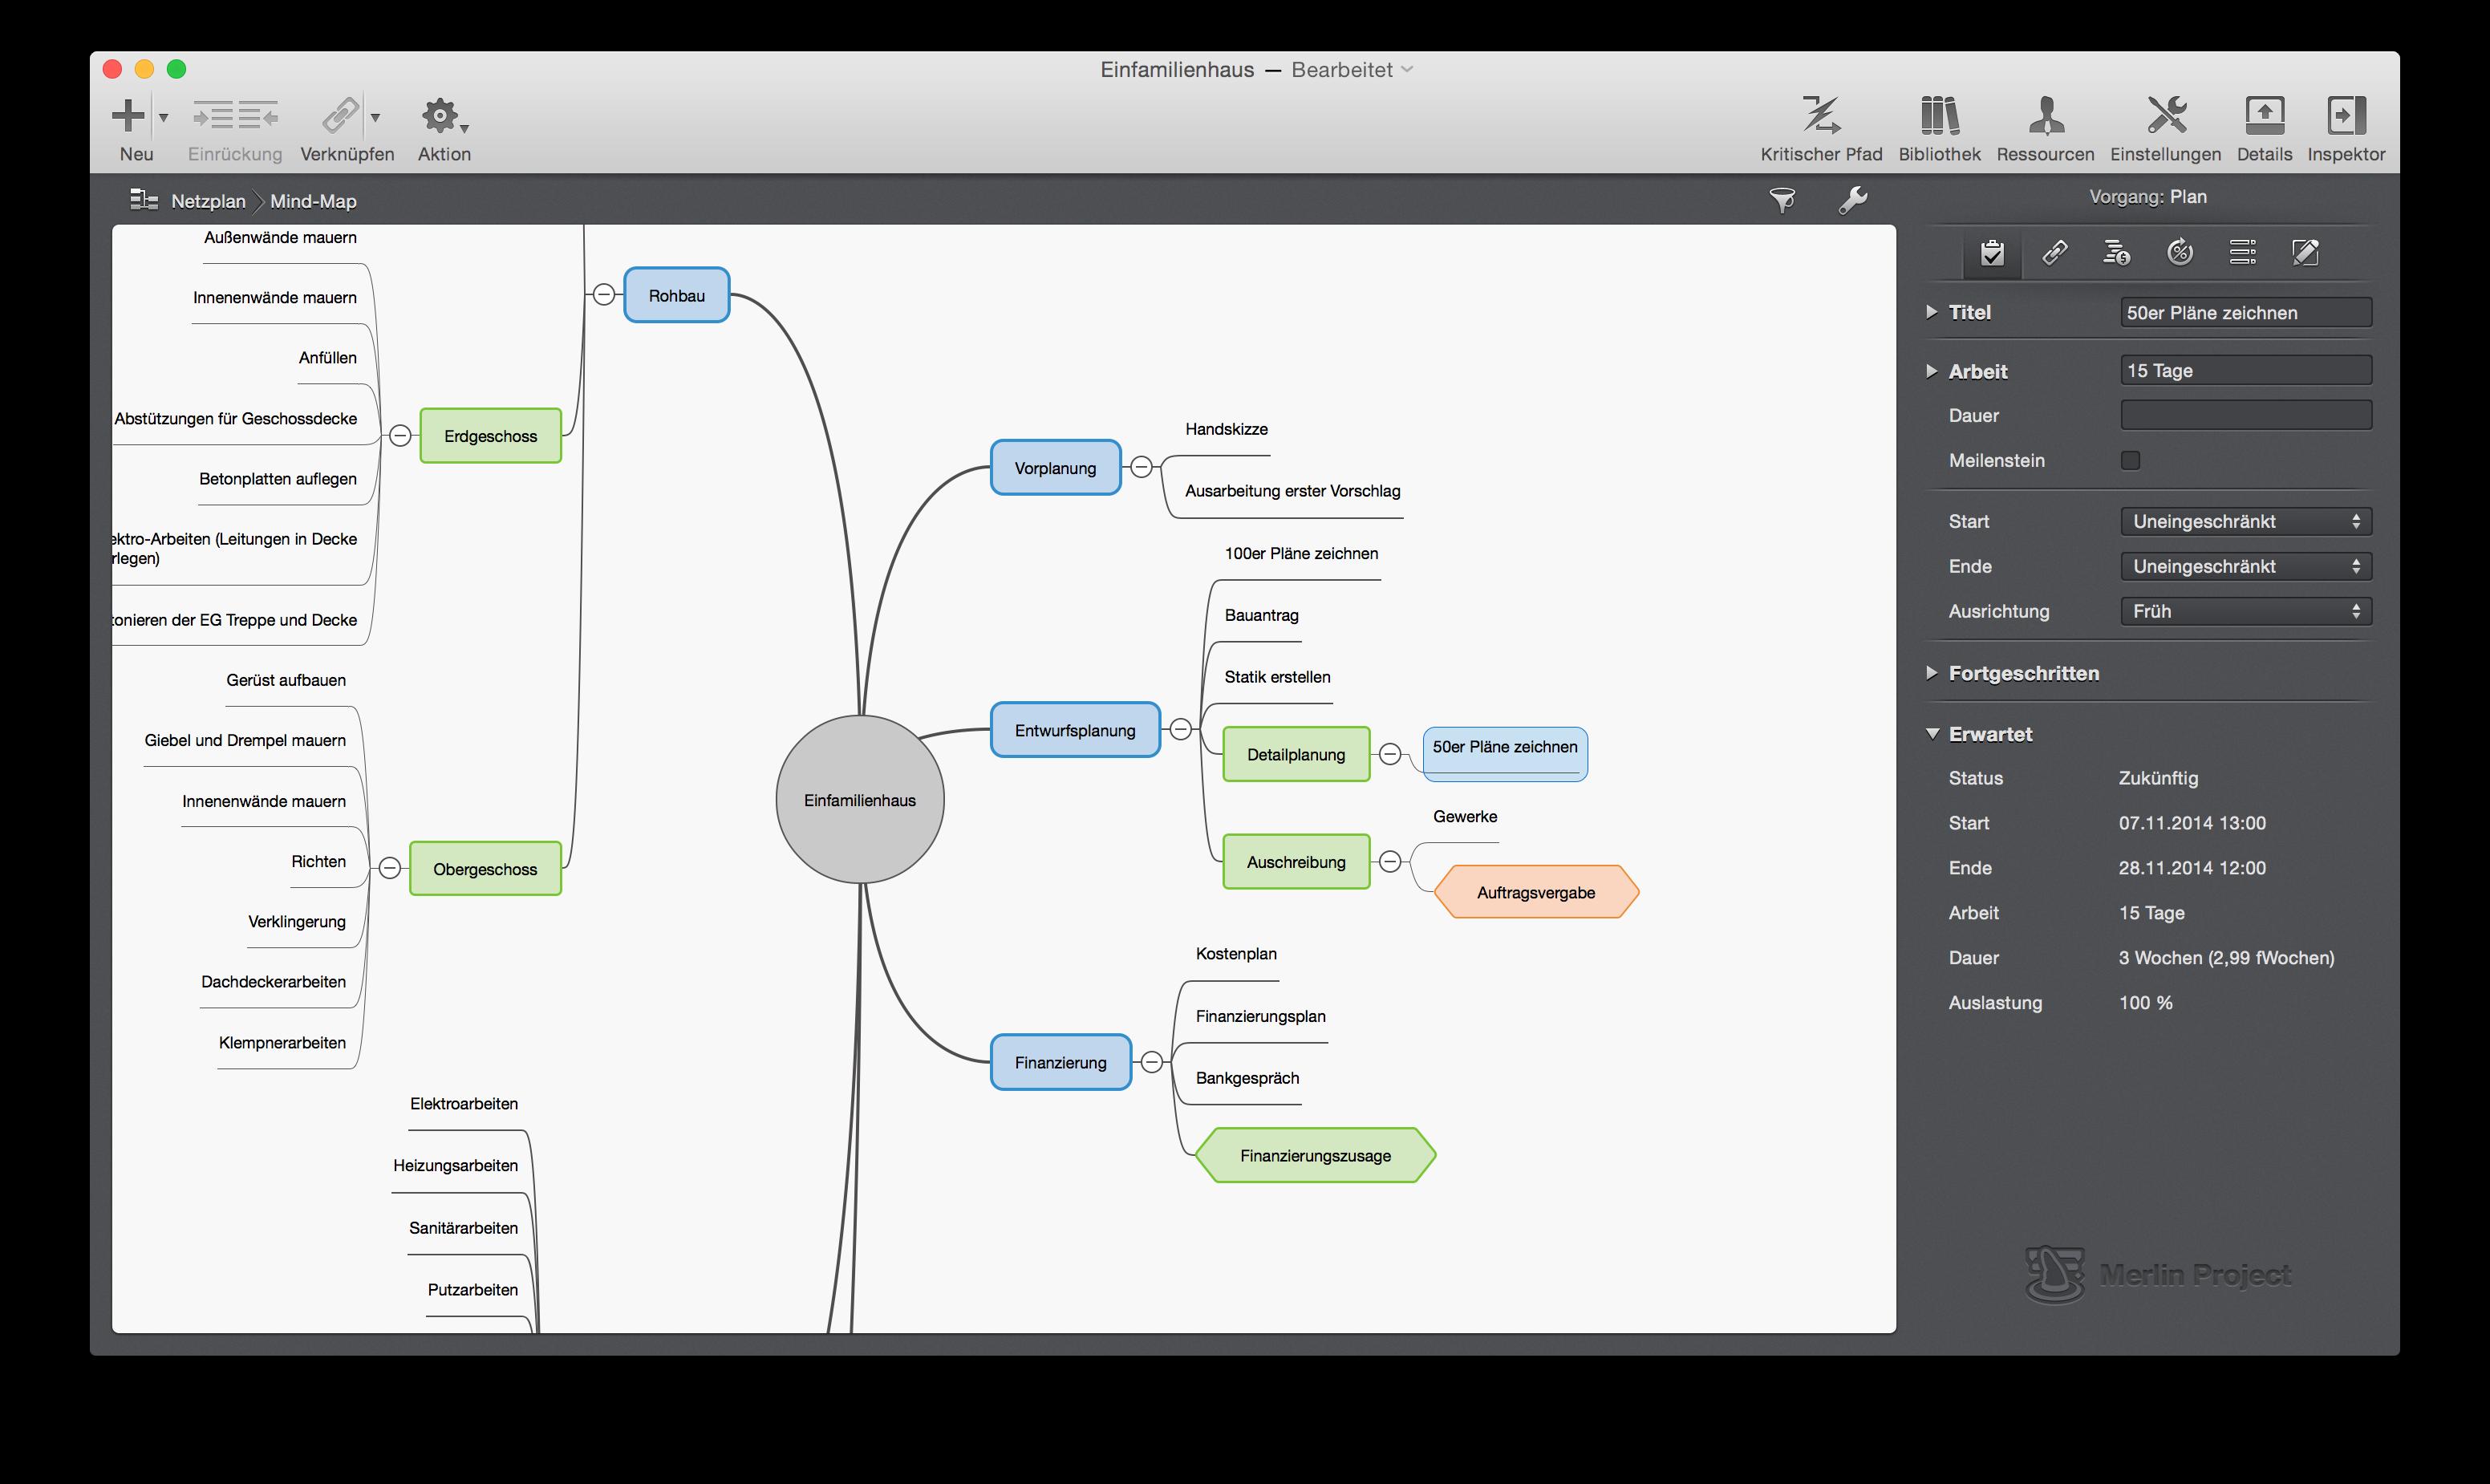 Neues Merlin Project 3.1 bringt verbesserte App-Anbindungen ...